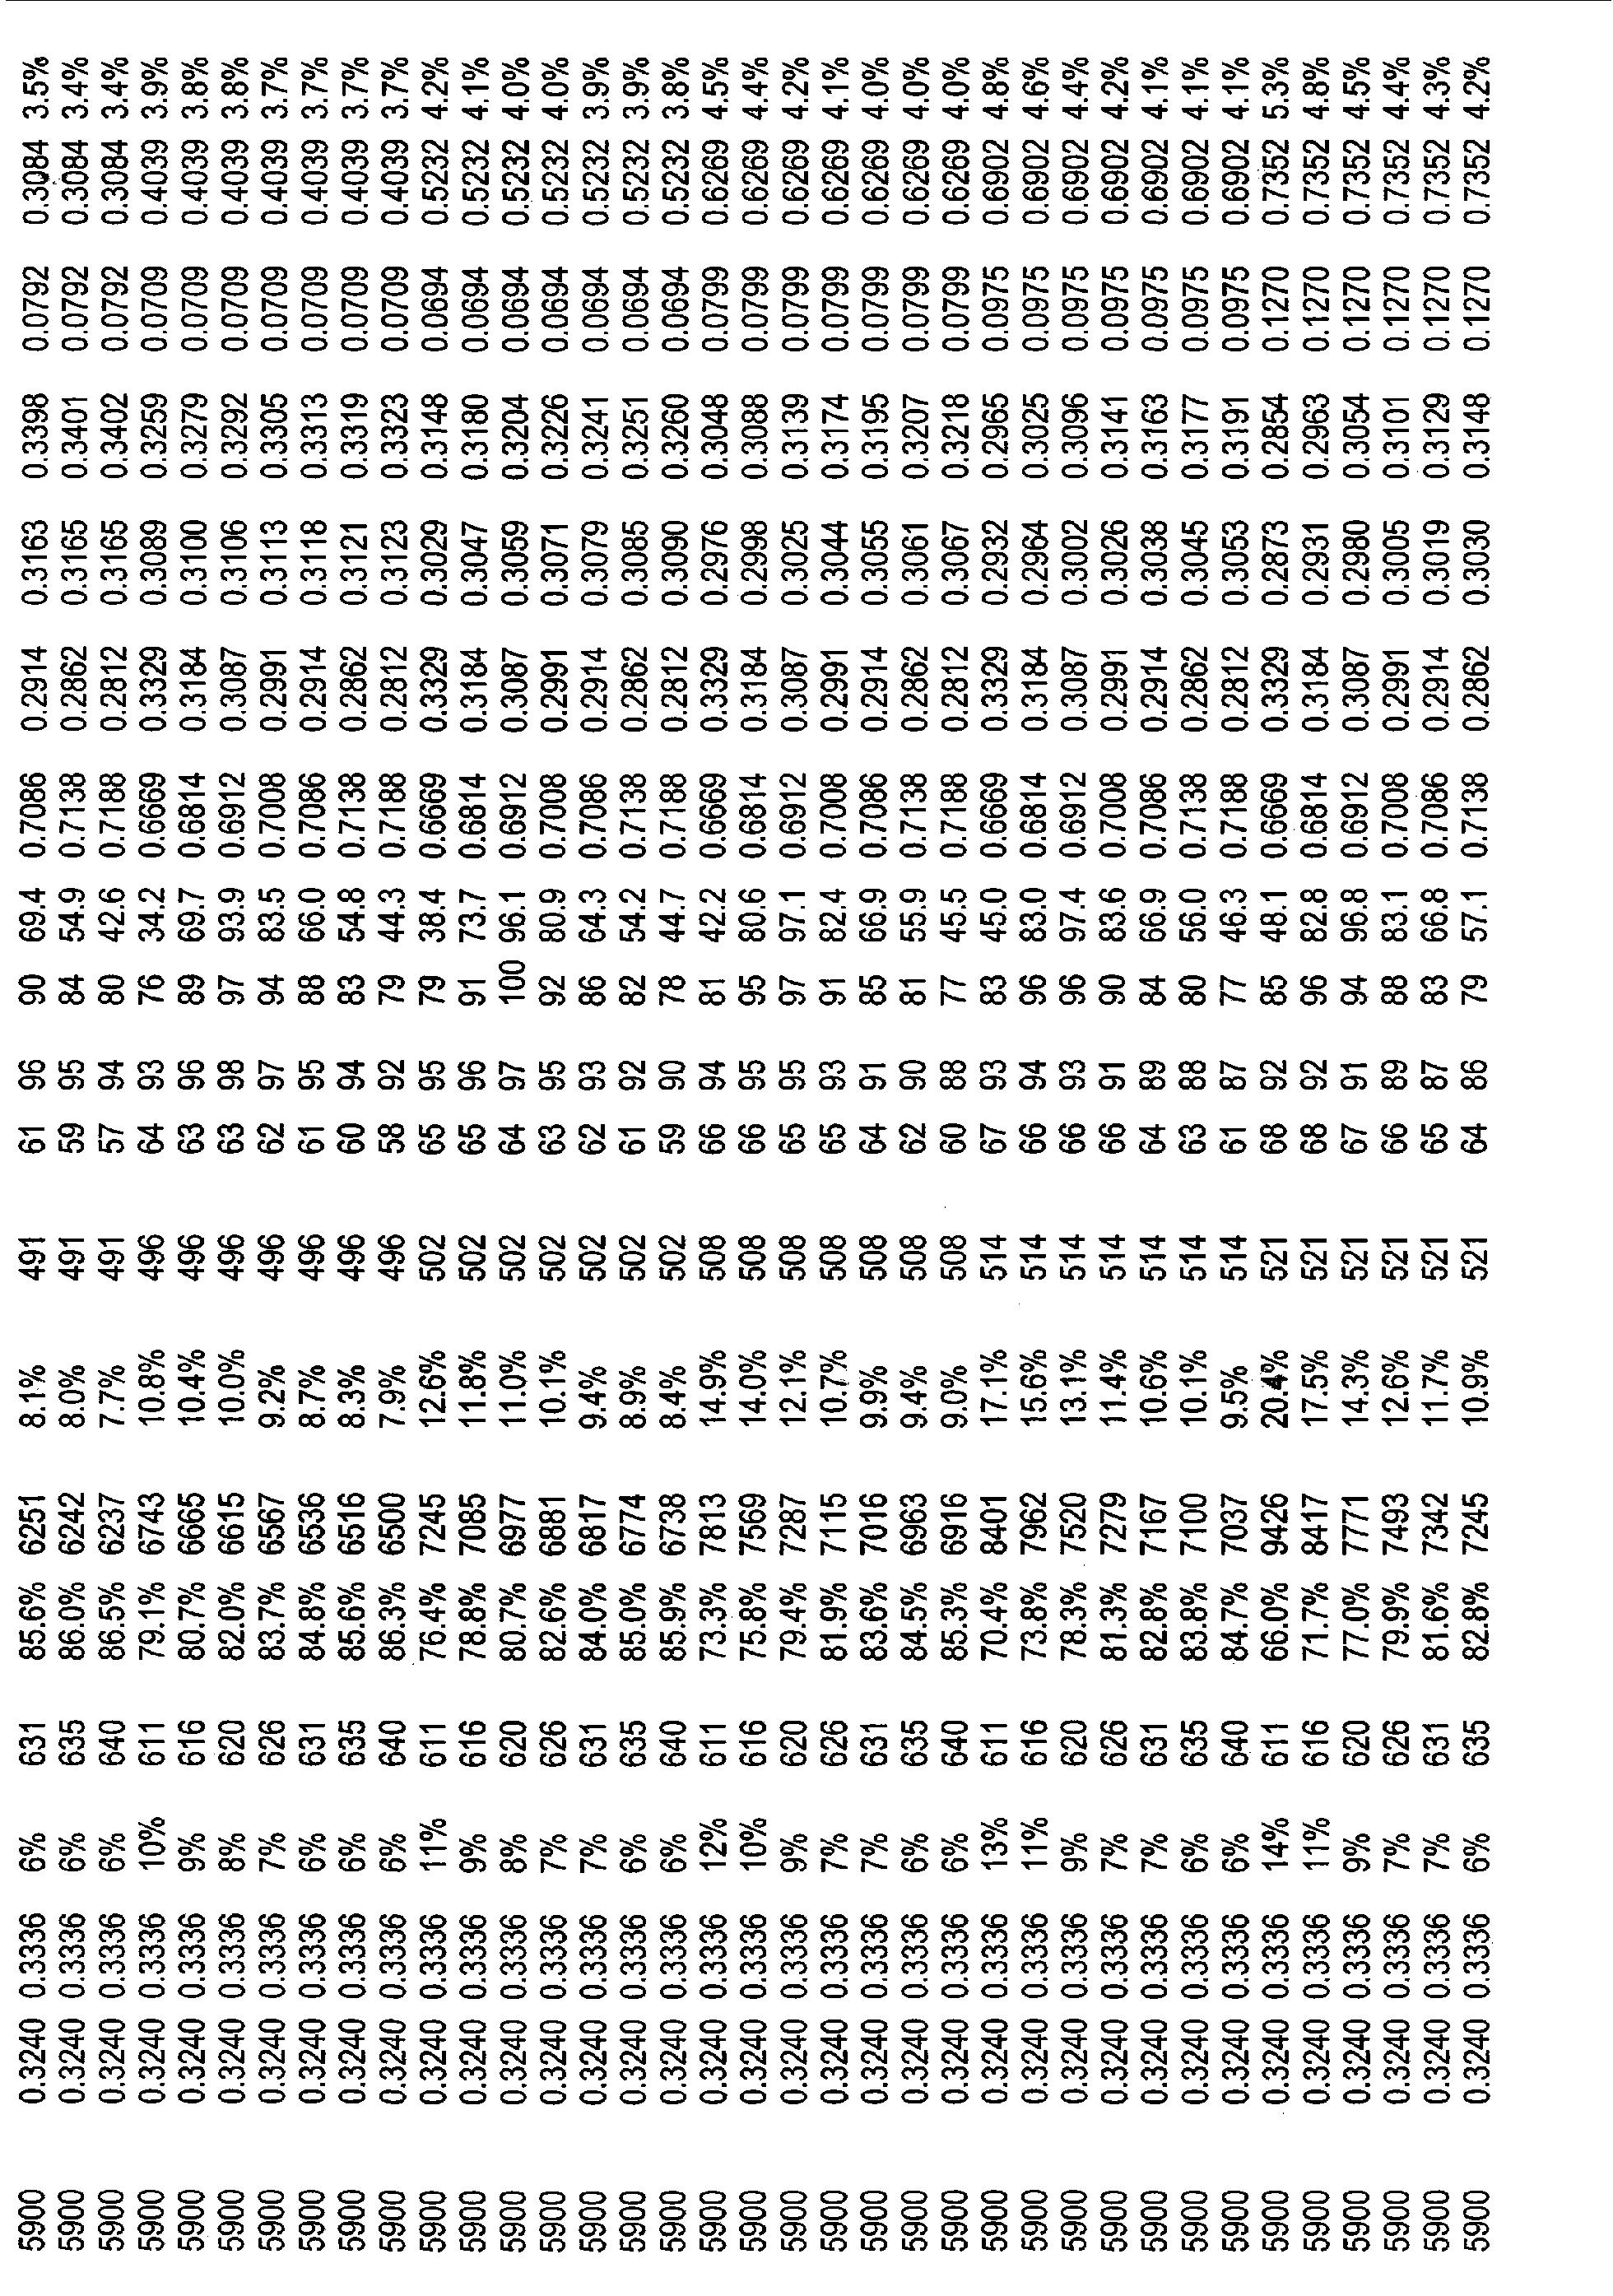 Figure CN101821544BD00411